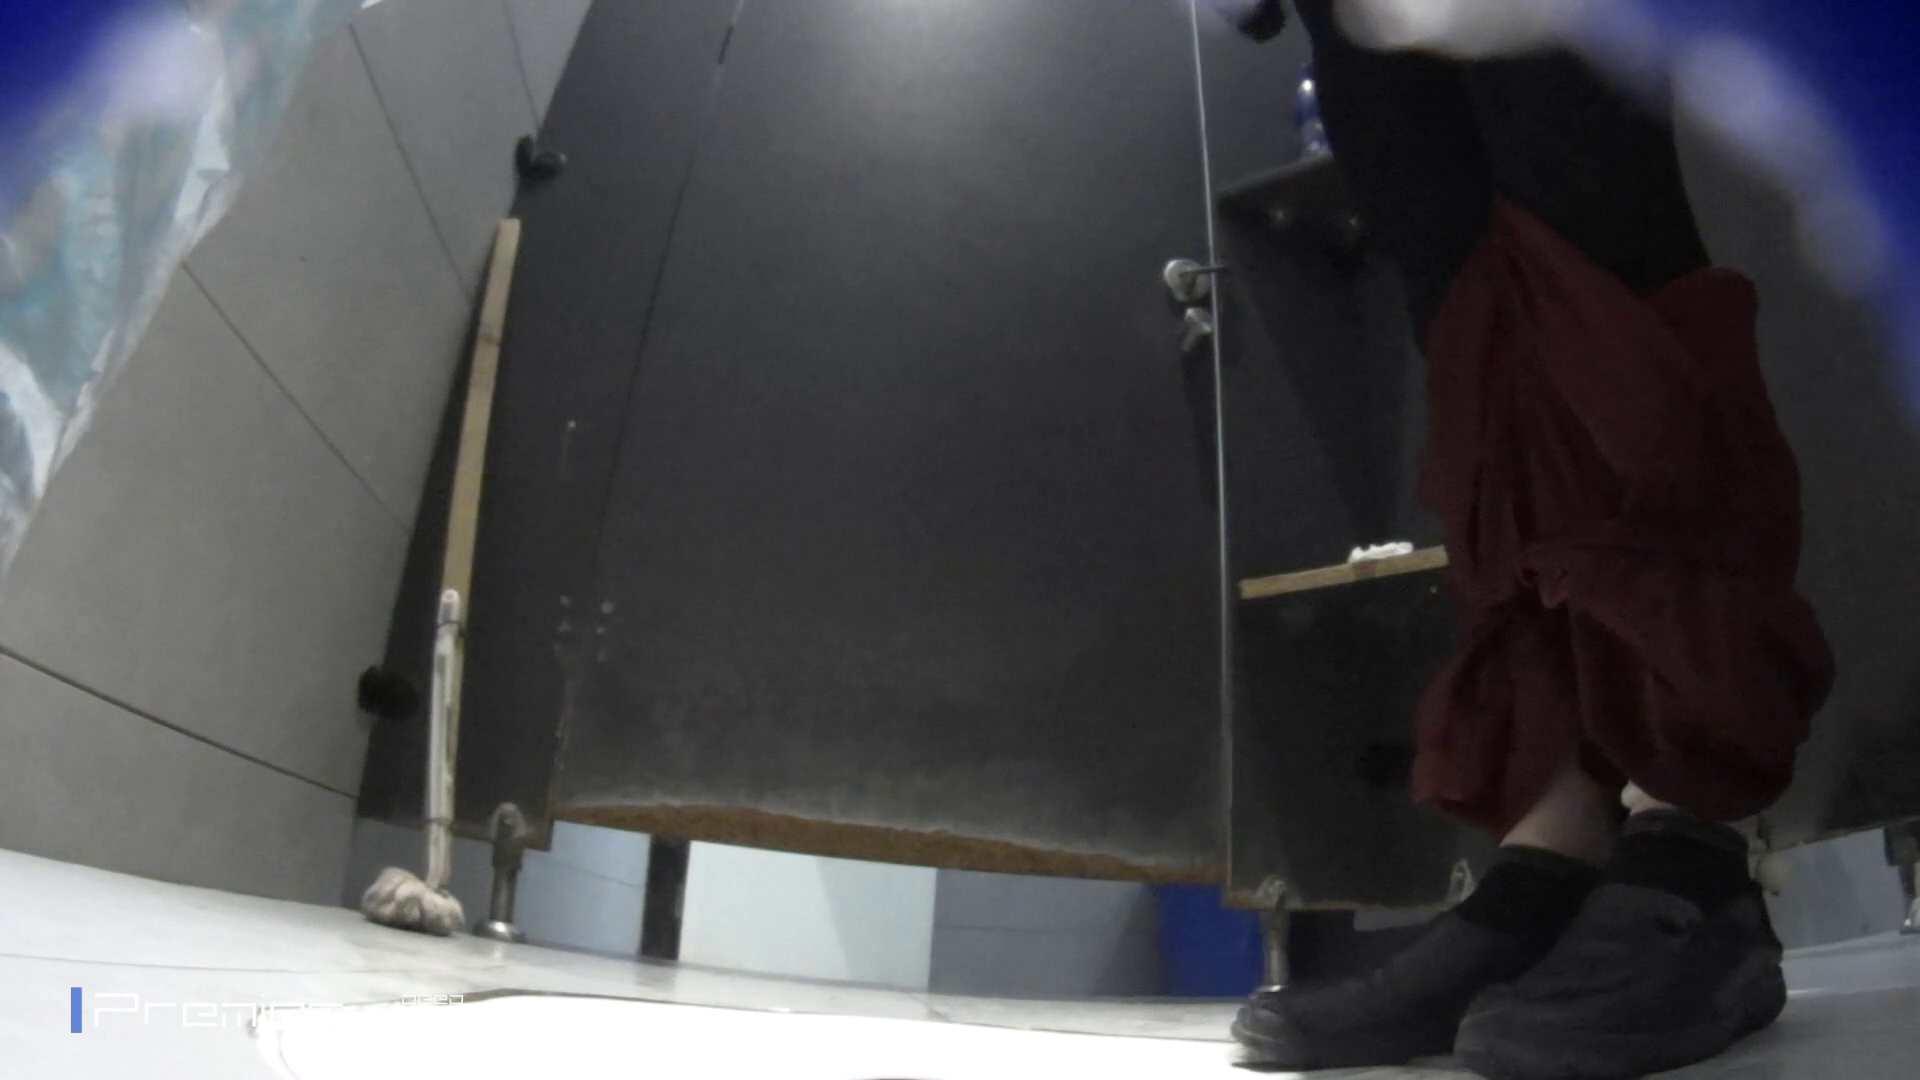 フロントから丸見え! 大学休憩時間の洗面所事情60 ギャル達 AV動画キャプチャ 96枚 79